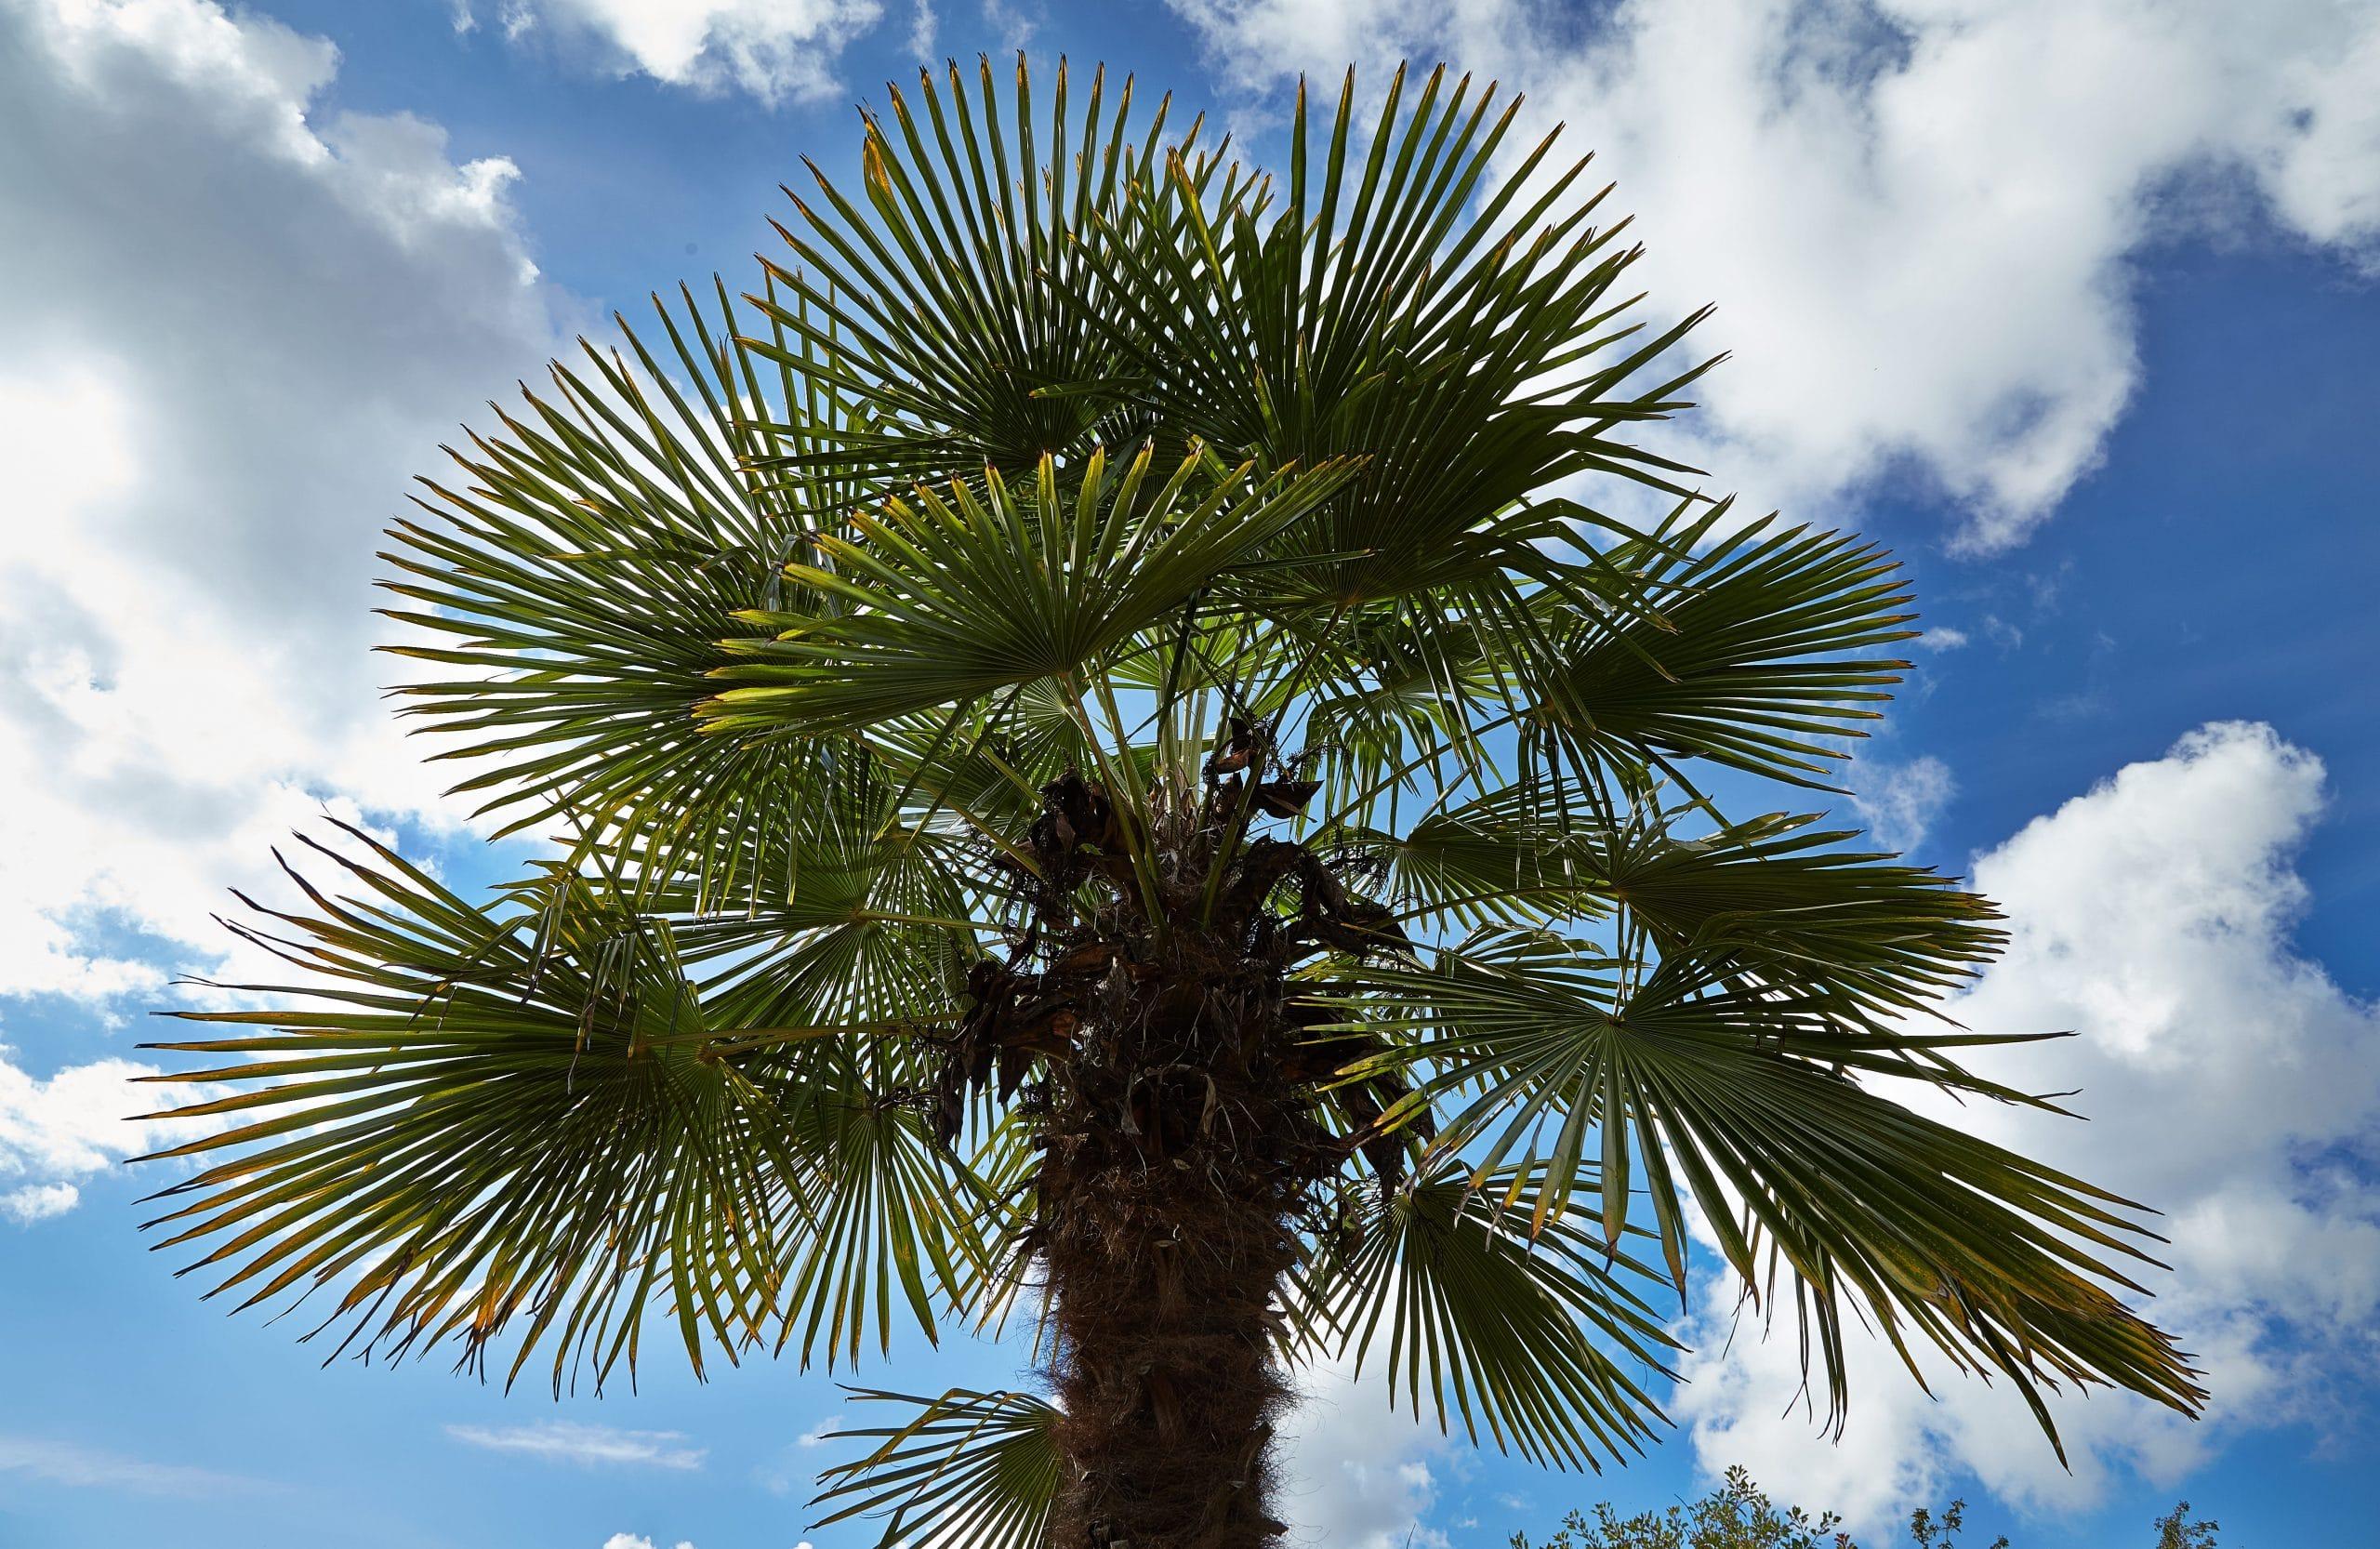 La palmera china es una de las que mejor resiste el frío